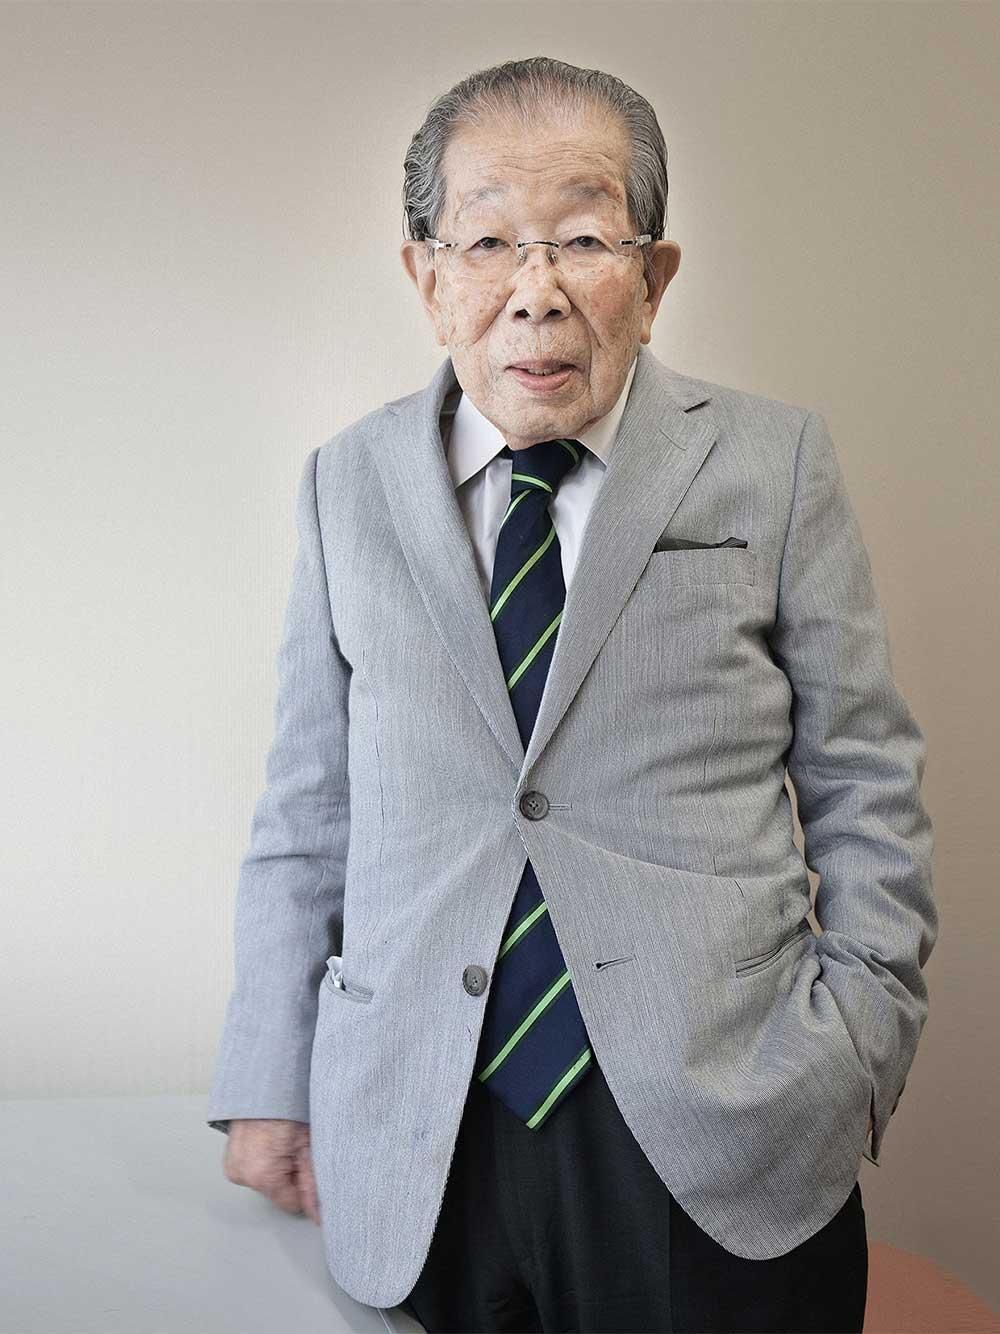 Dr. Shigeaki Hinohara, 102, Tokio, Japan, 2013